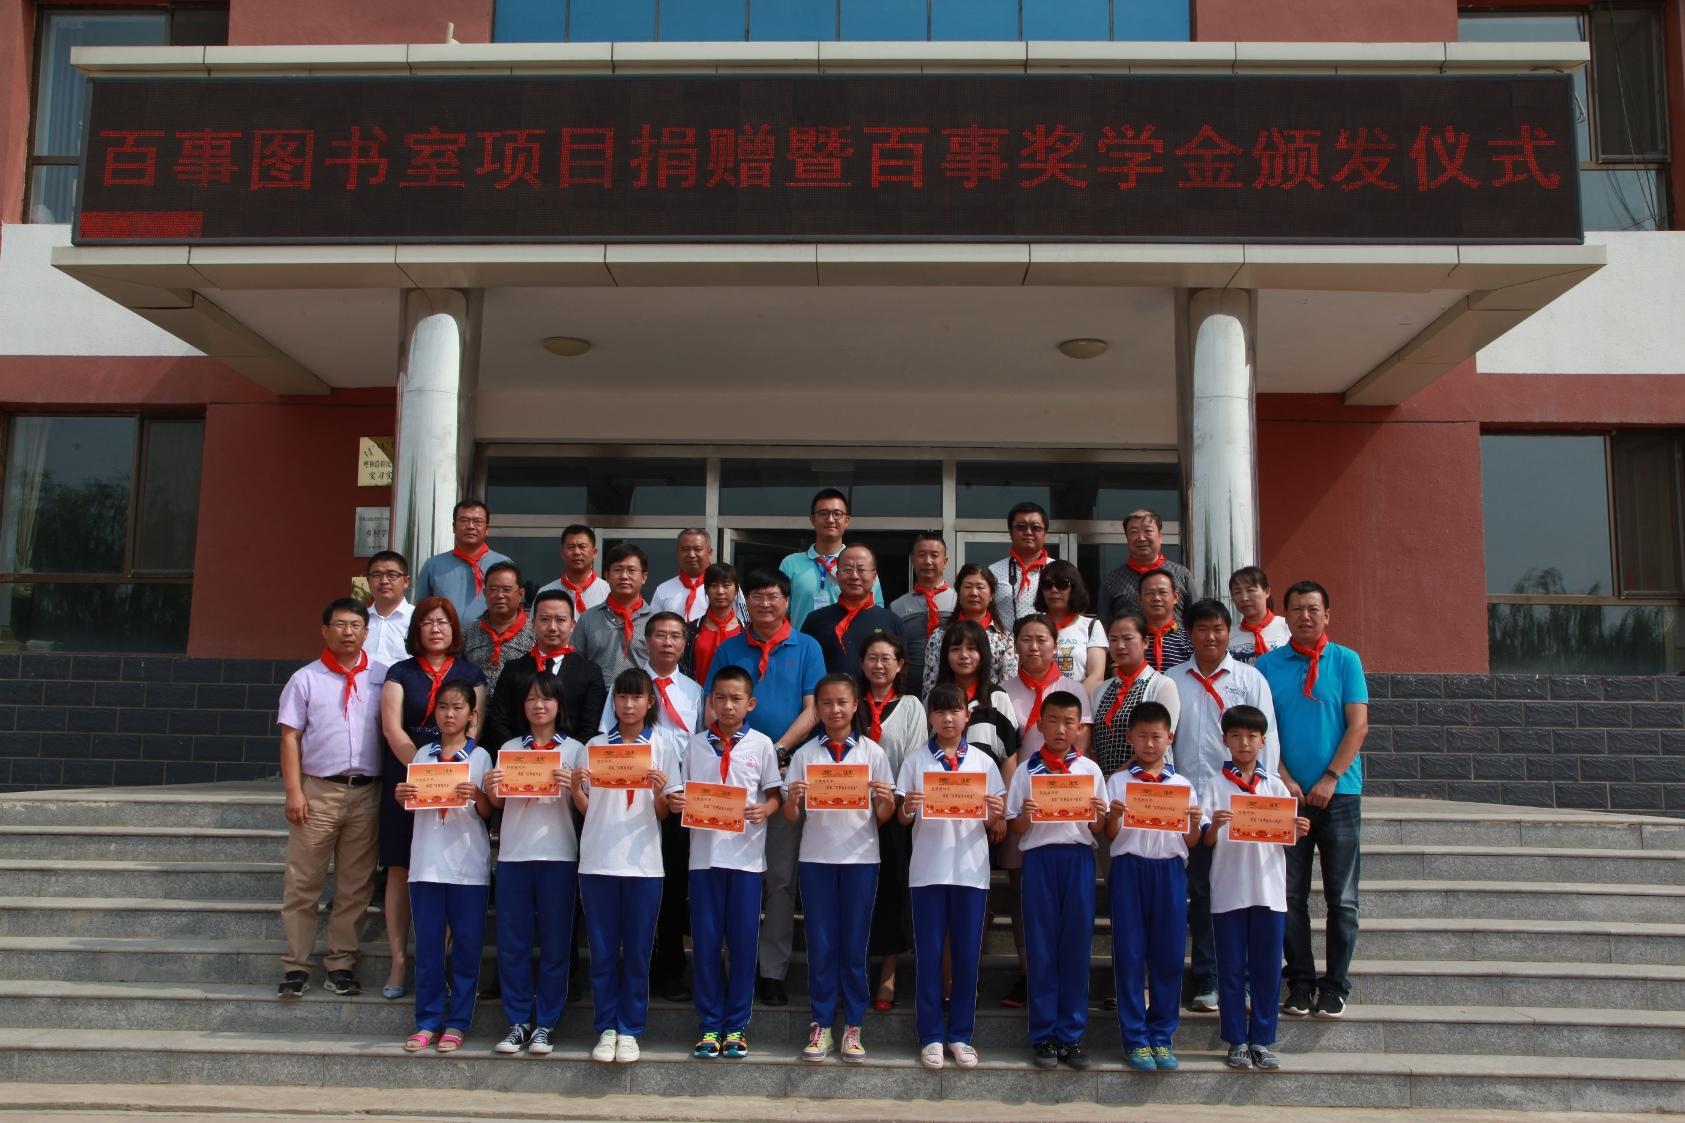 百事公司助力中国农业可持续发展,积极回馈周边社区